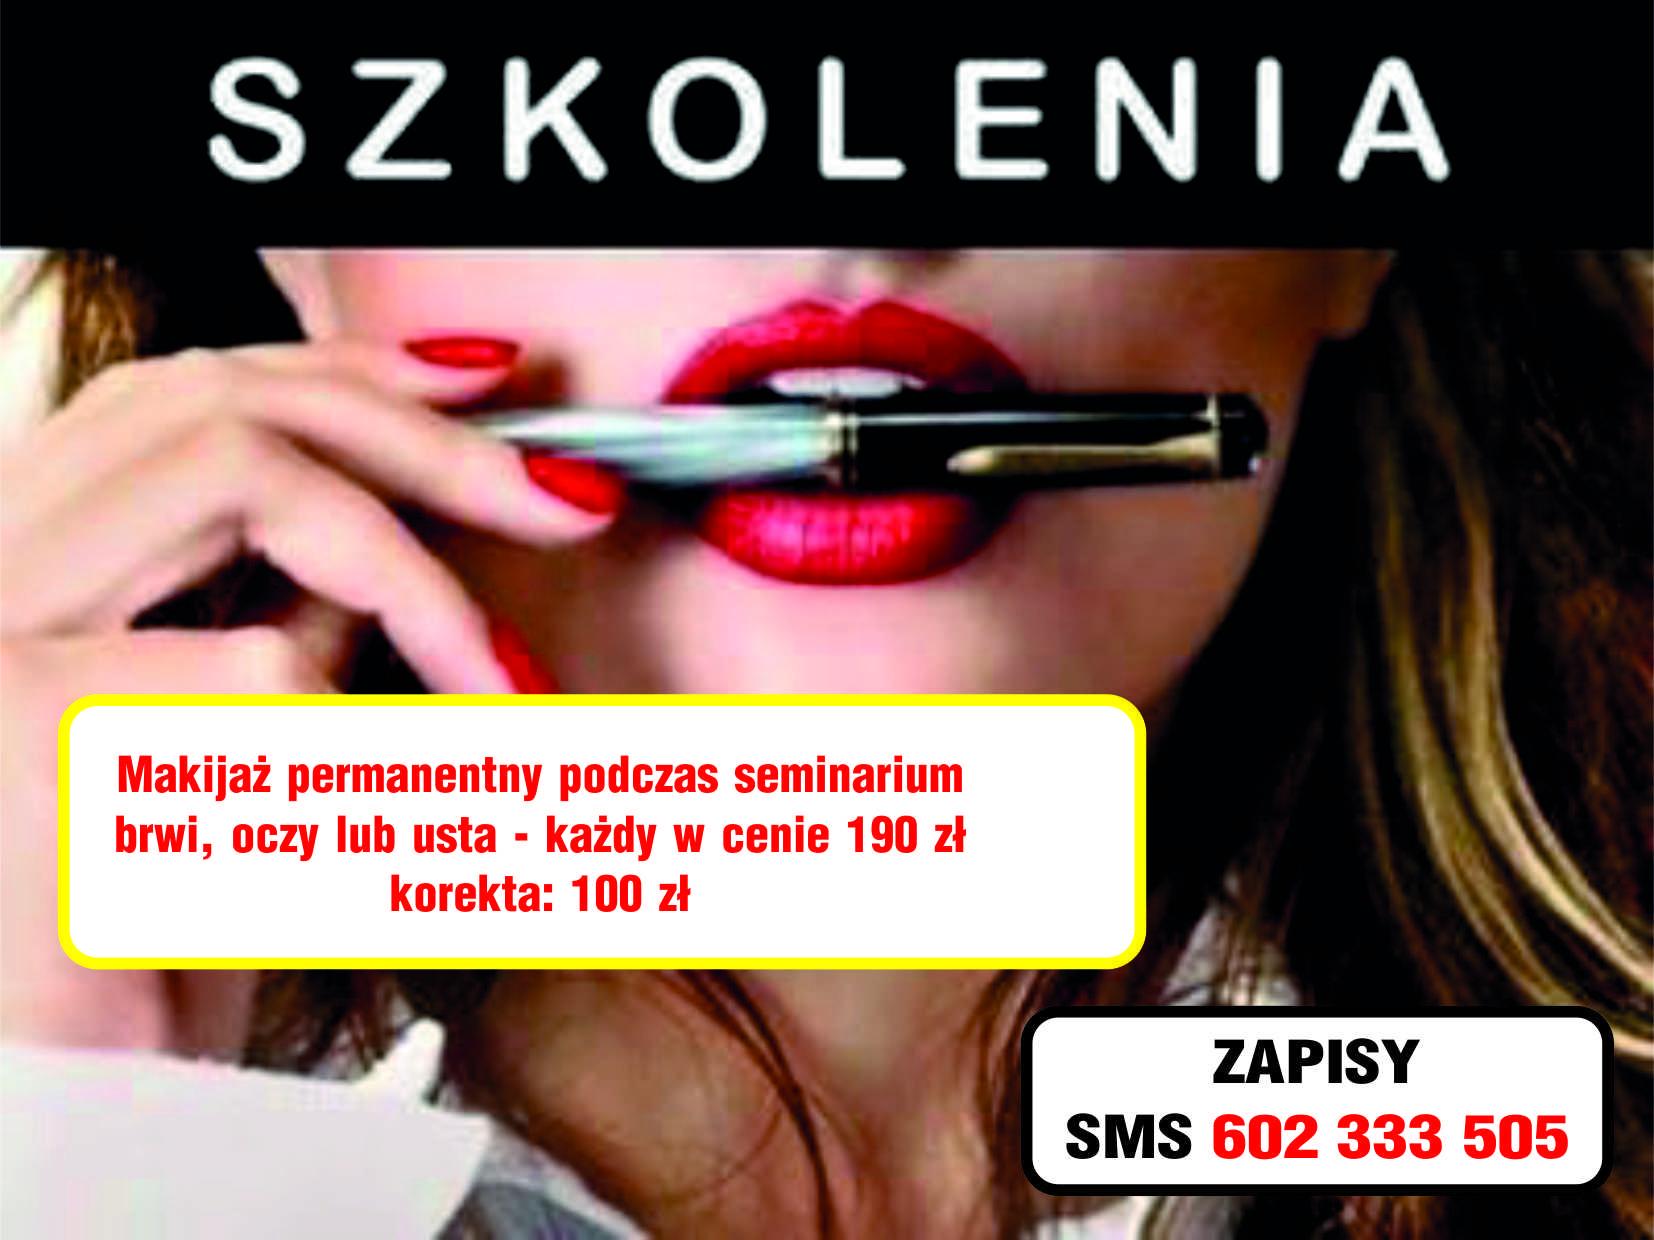 FB Modelki Reklama 2 2017